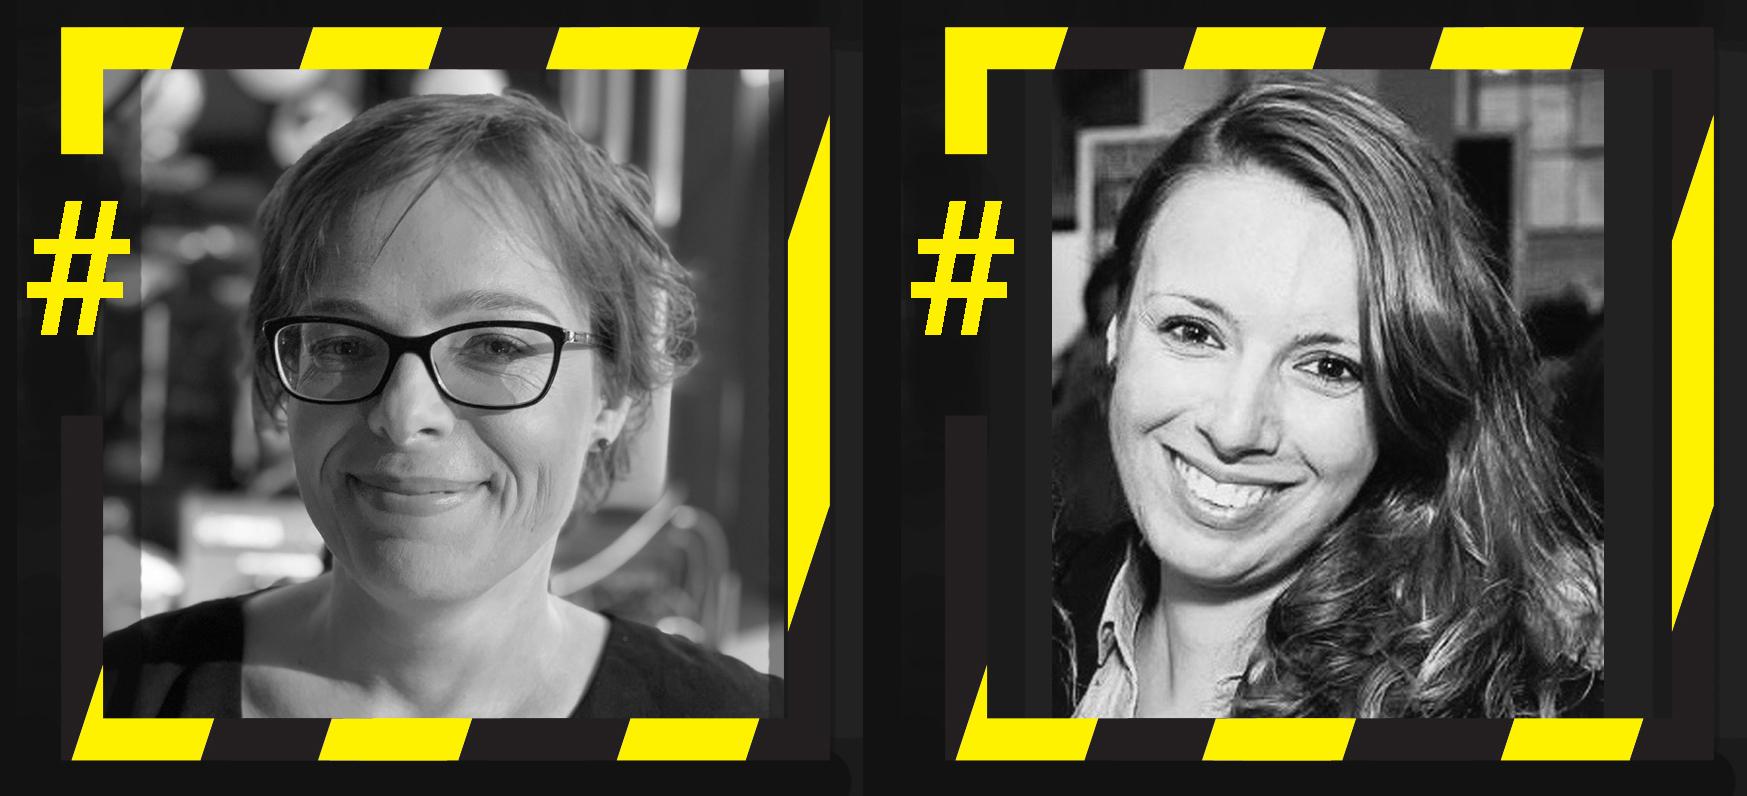 """Dwa czarno białe zdjęcia dwóch kobiet ułożone obok siebie. Każde ze zdjęć jest w kwadratowej, czarno-żółtej ramce, przypominającej taśmę ostrzegawczą. Z lewej strony każda ramka jest przerwana a w przerwie znajduje się żółty znaczek """"hasztag"""". Na pierwszym zdjęciu twarz uśmiechniętej, krótkowłosej kobiety około trzydziestki. Kobieta ma okulary, patrzy w obiektyw. Na zdjęciu jest Joanna Ciesielska. Na drugim zdjęciu widać twarz uśmiechniętej młodej kobiety o długich włosach, w koszuli z kołnierzykiem. Kobieta patrzy w obiektyw. Na zdjęciu jest Magda Schromová."""